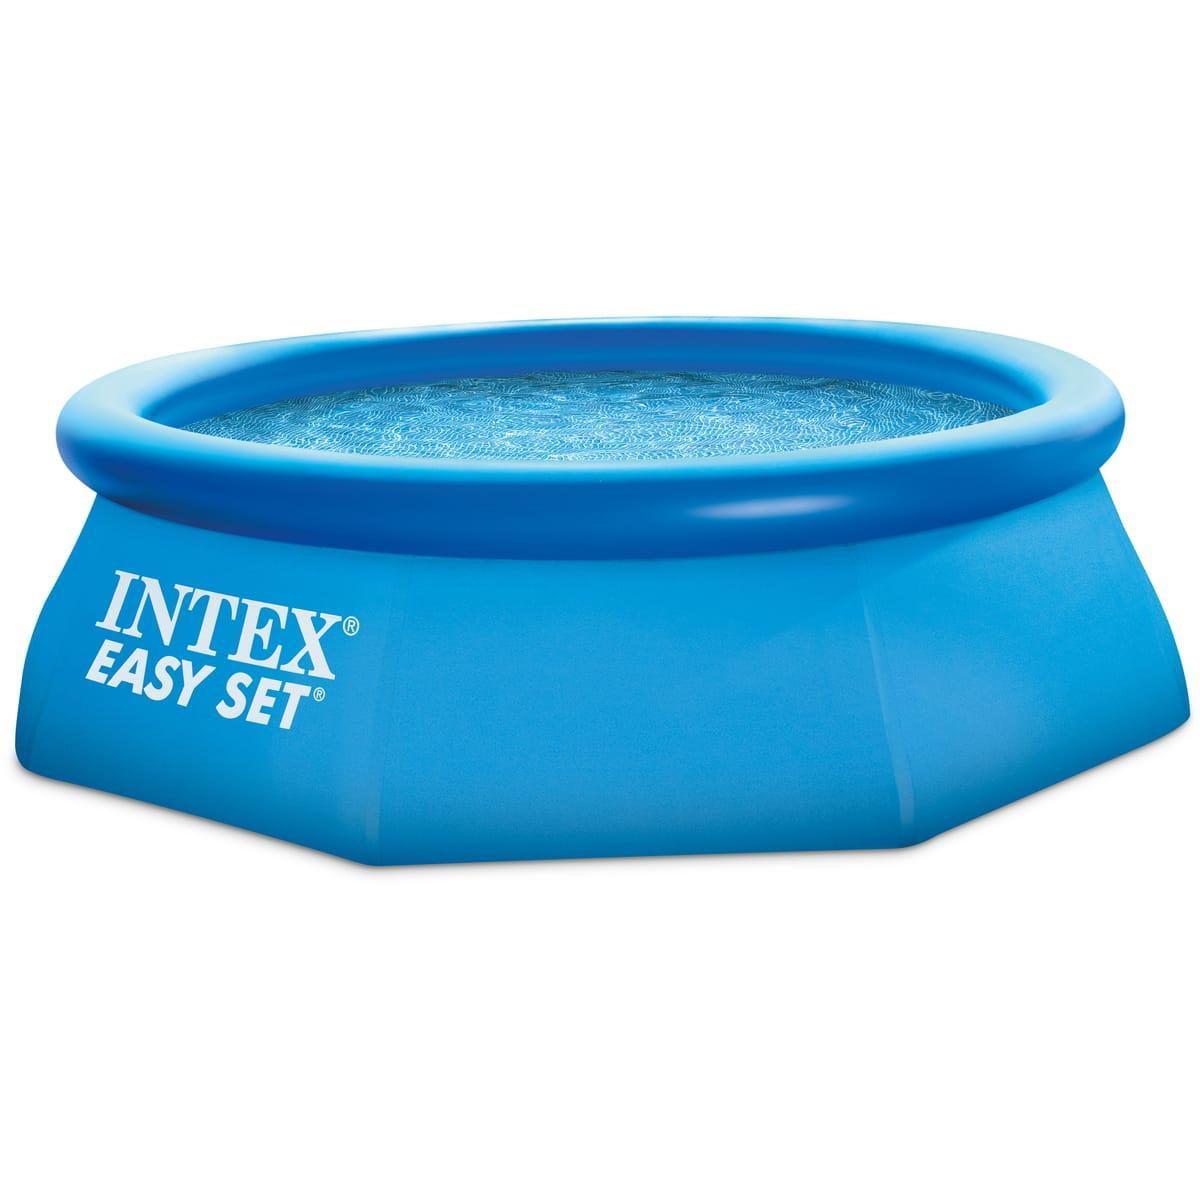 Intex Piscine Autoportée Ronde 2,44 X 0.76M Easy Set pour Piscine Gonflable Castorama